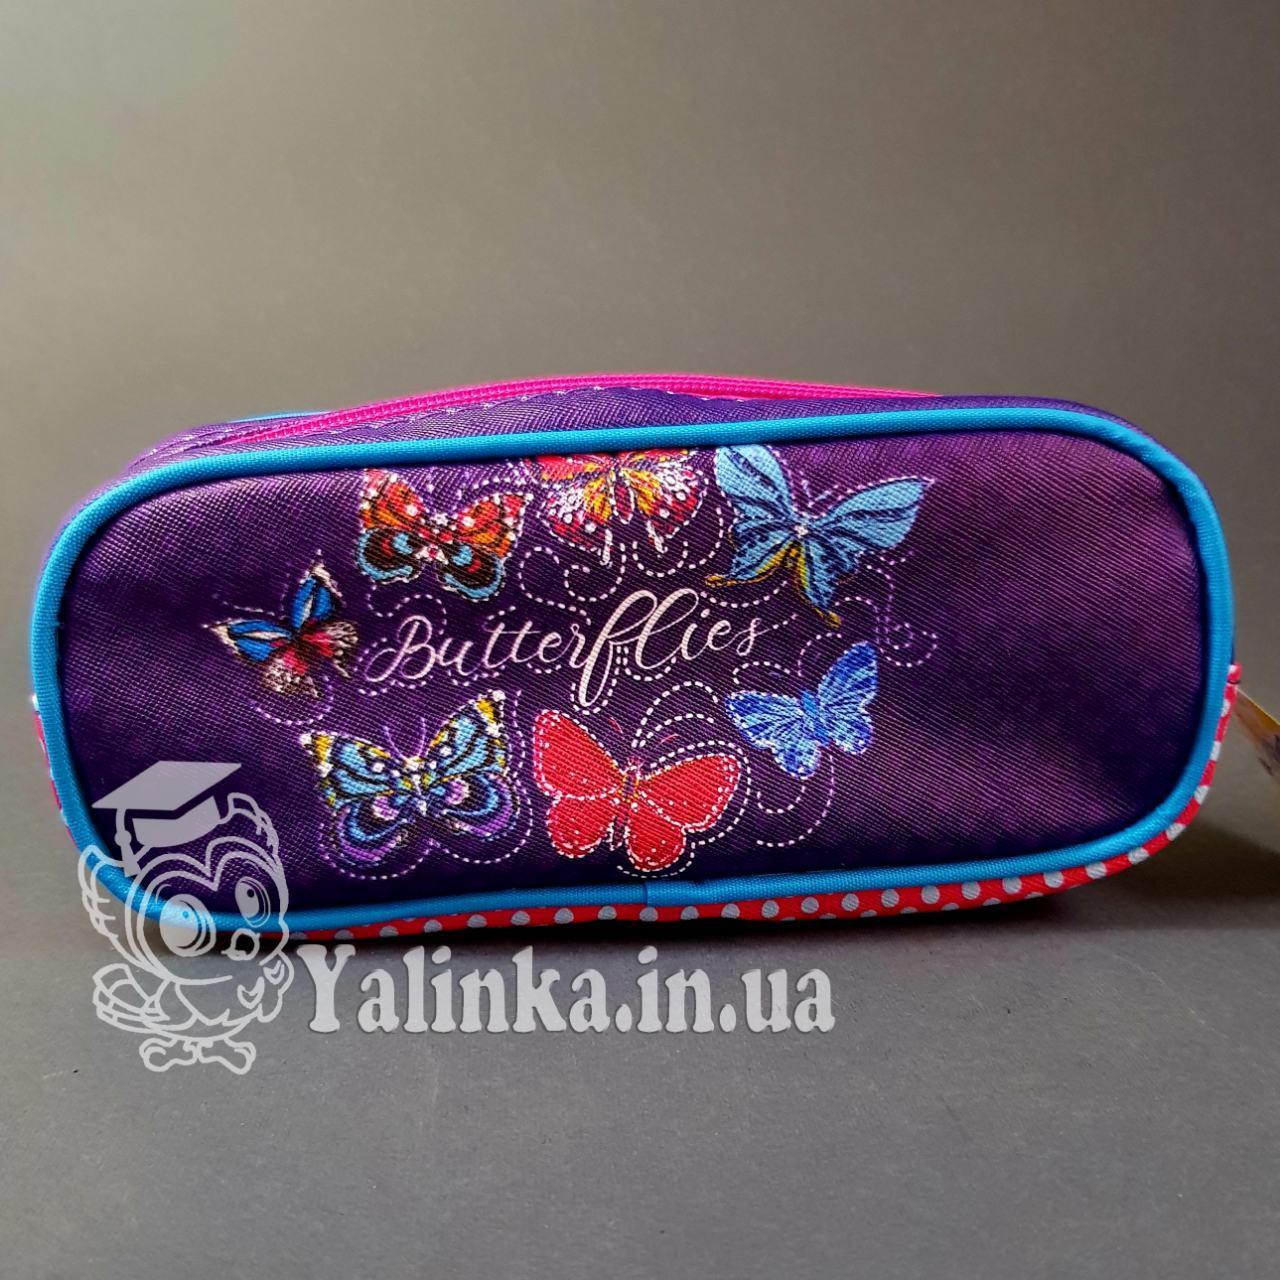 Пенал-косметичка школьный Бабочки 930813